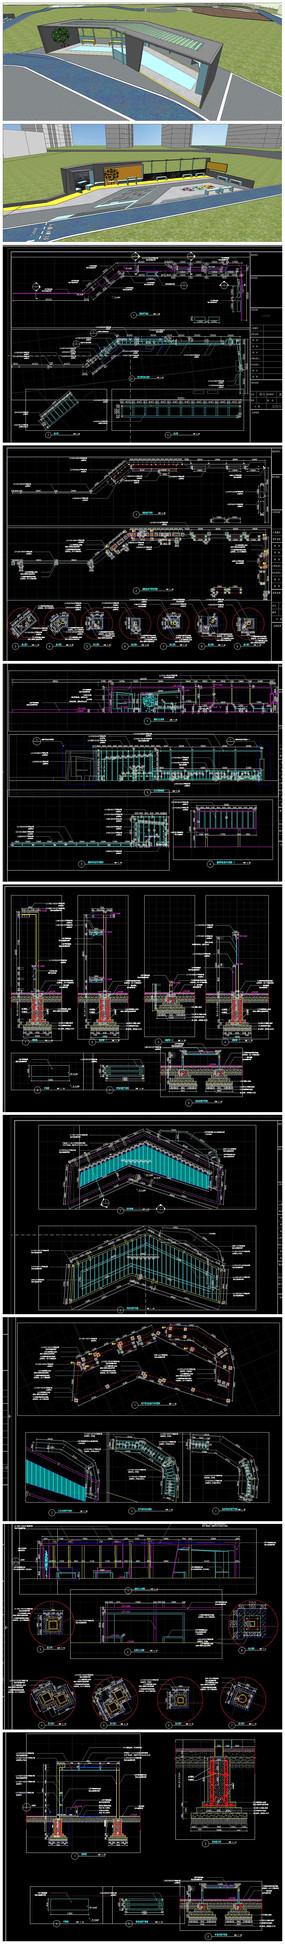 休闲廊架异形展廊模型和施工图